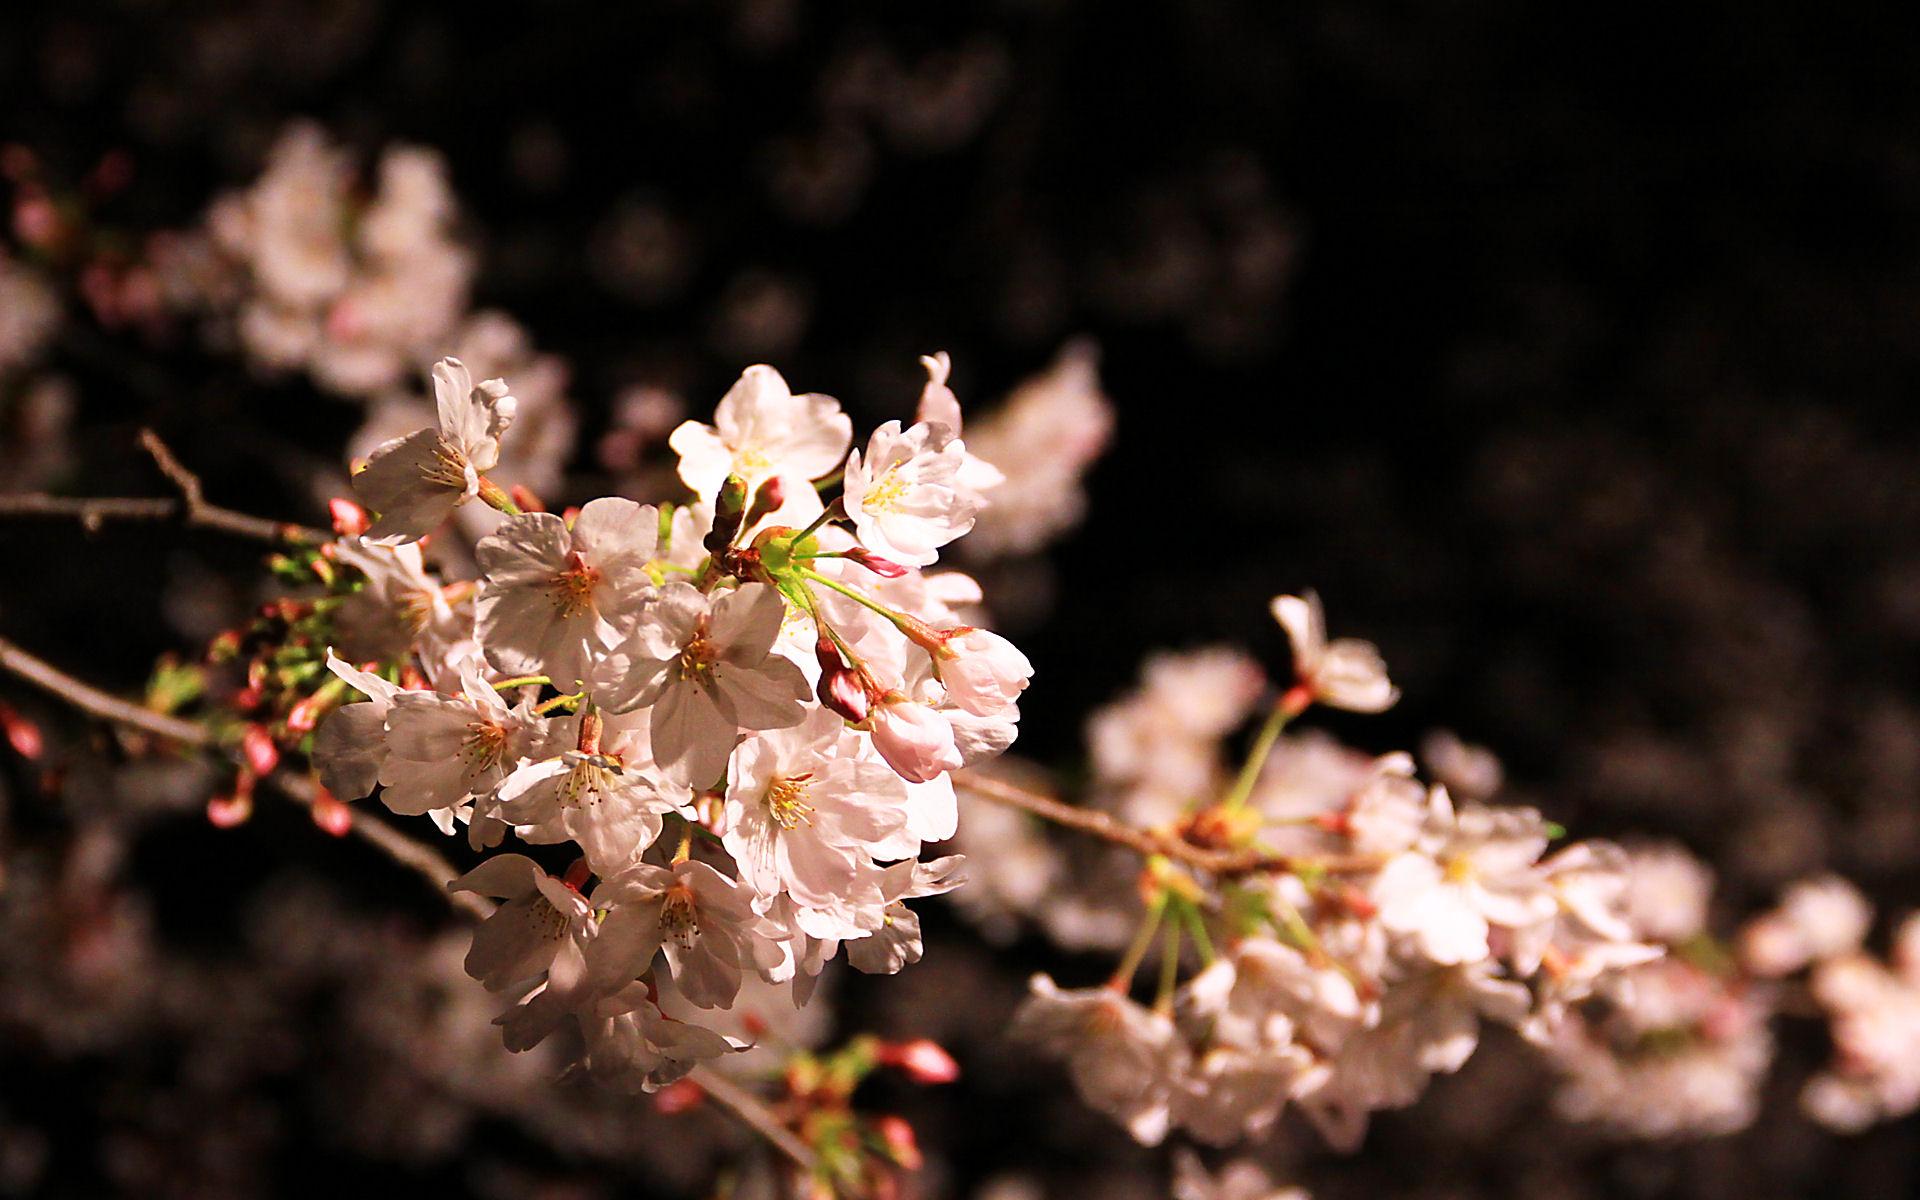 王子動物園の夜桜通り抜け・夜桜の壁紙